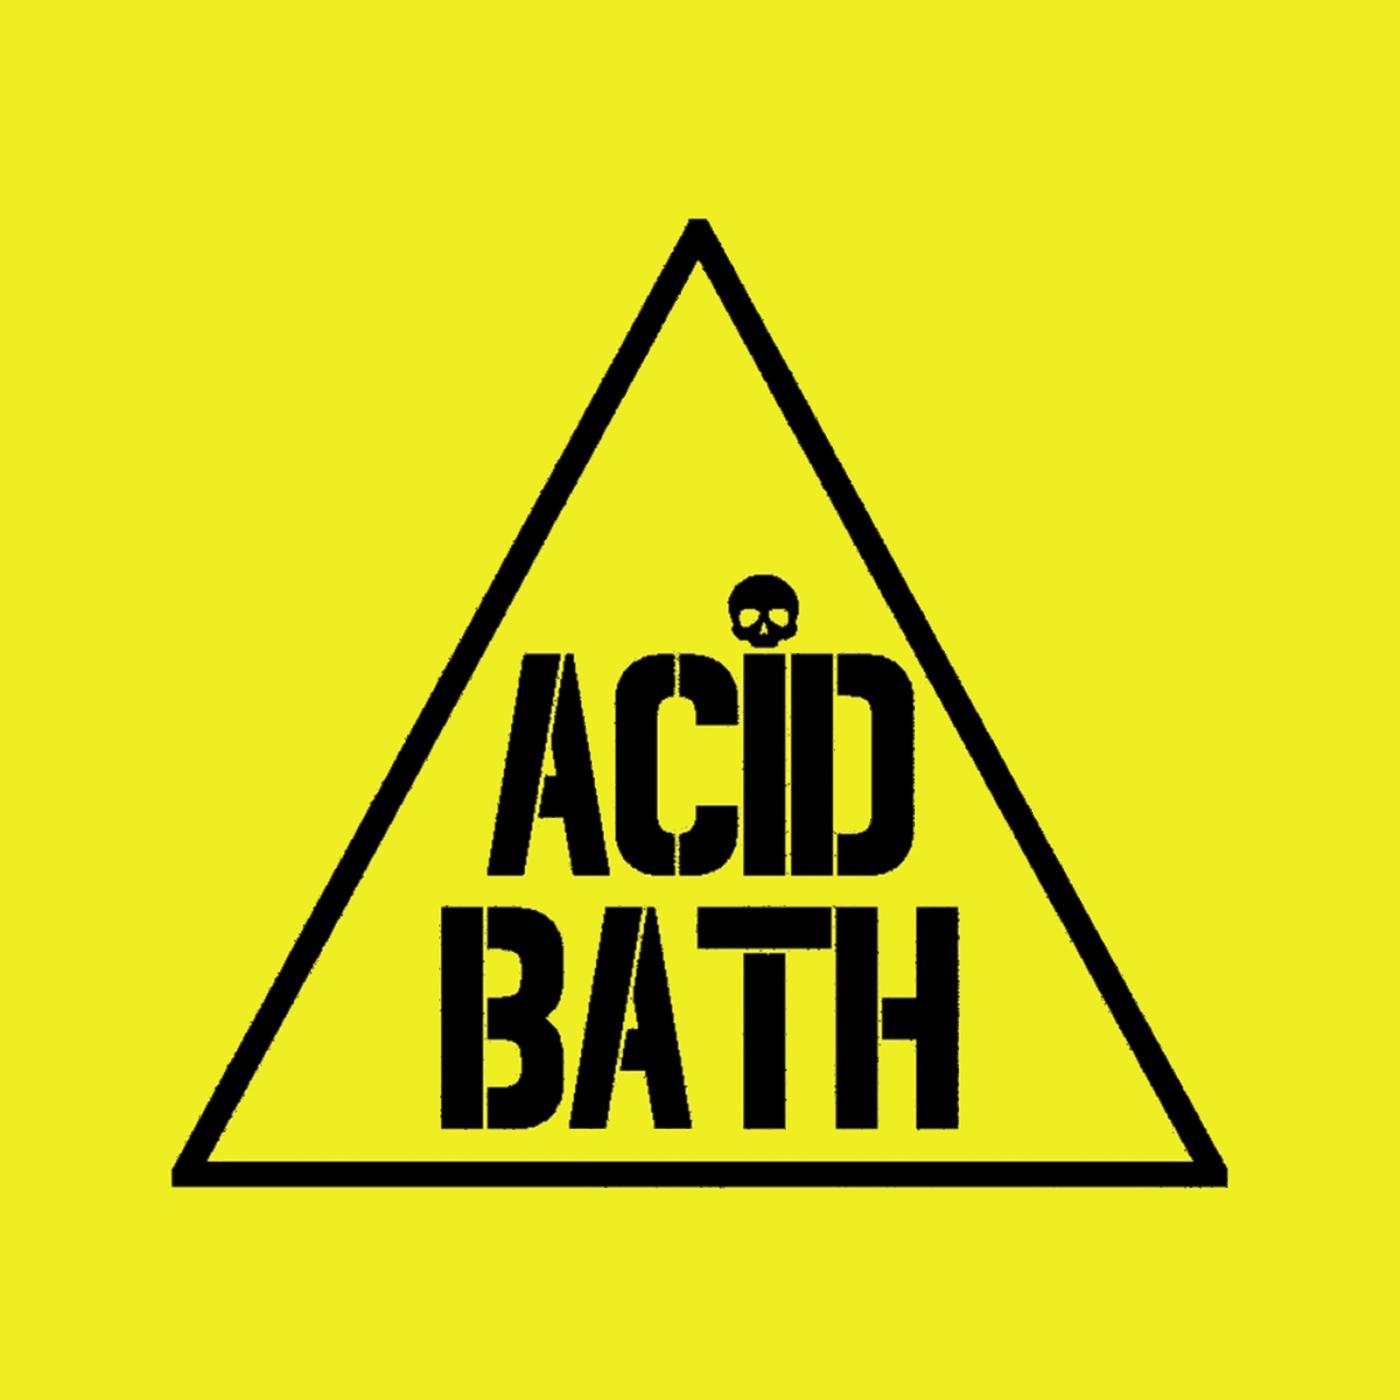 Resultado de imagen para bath of acid